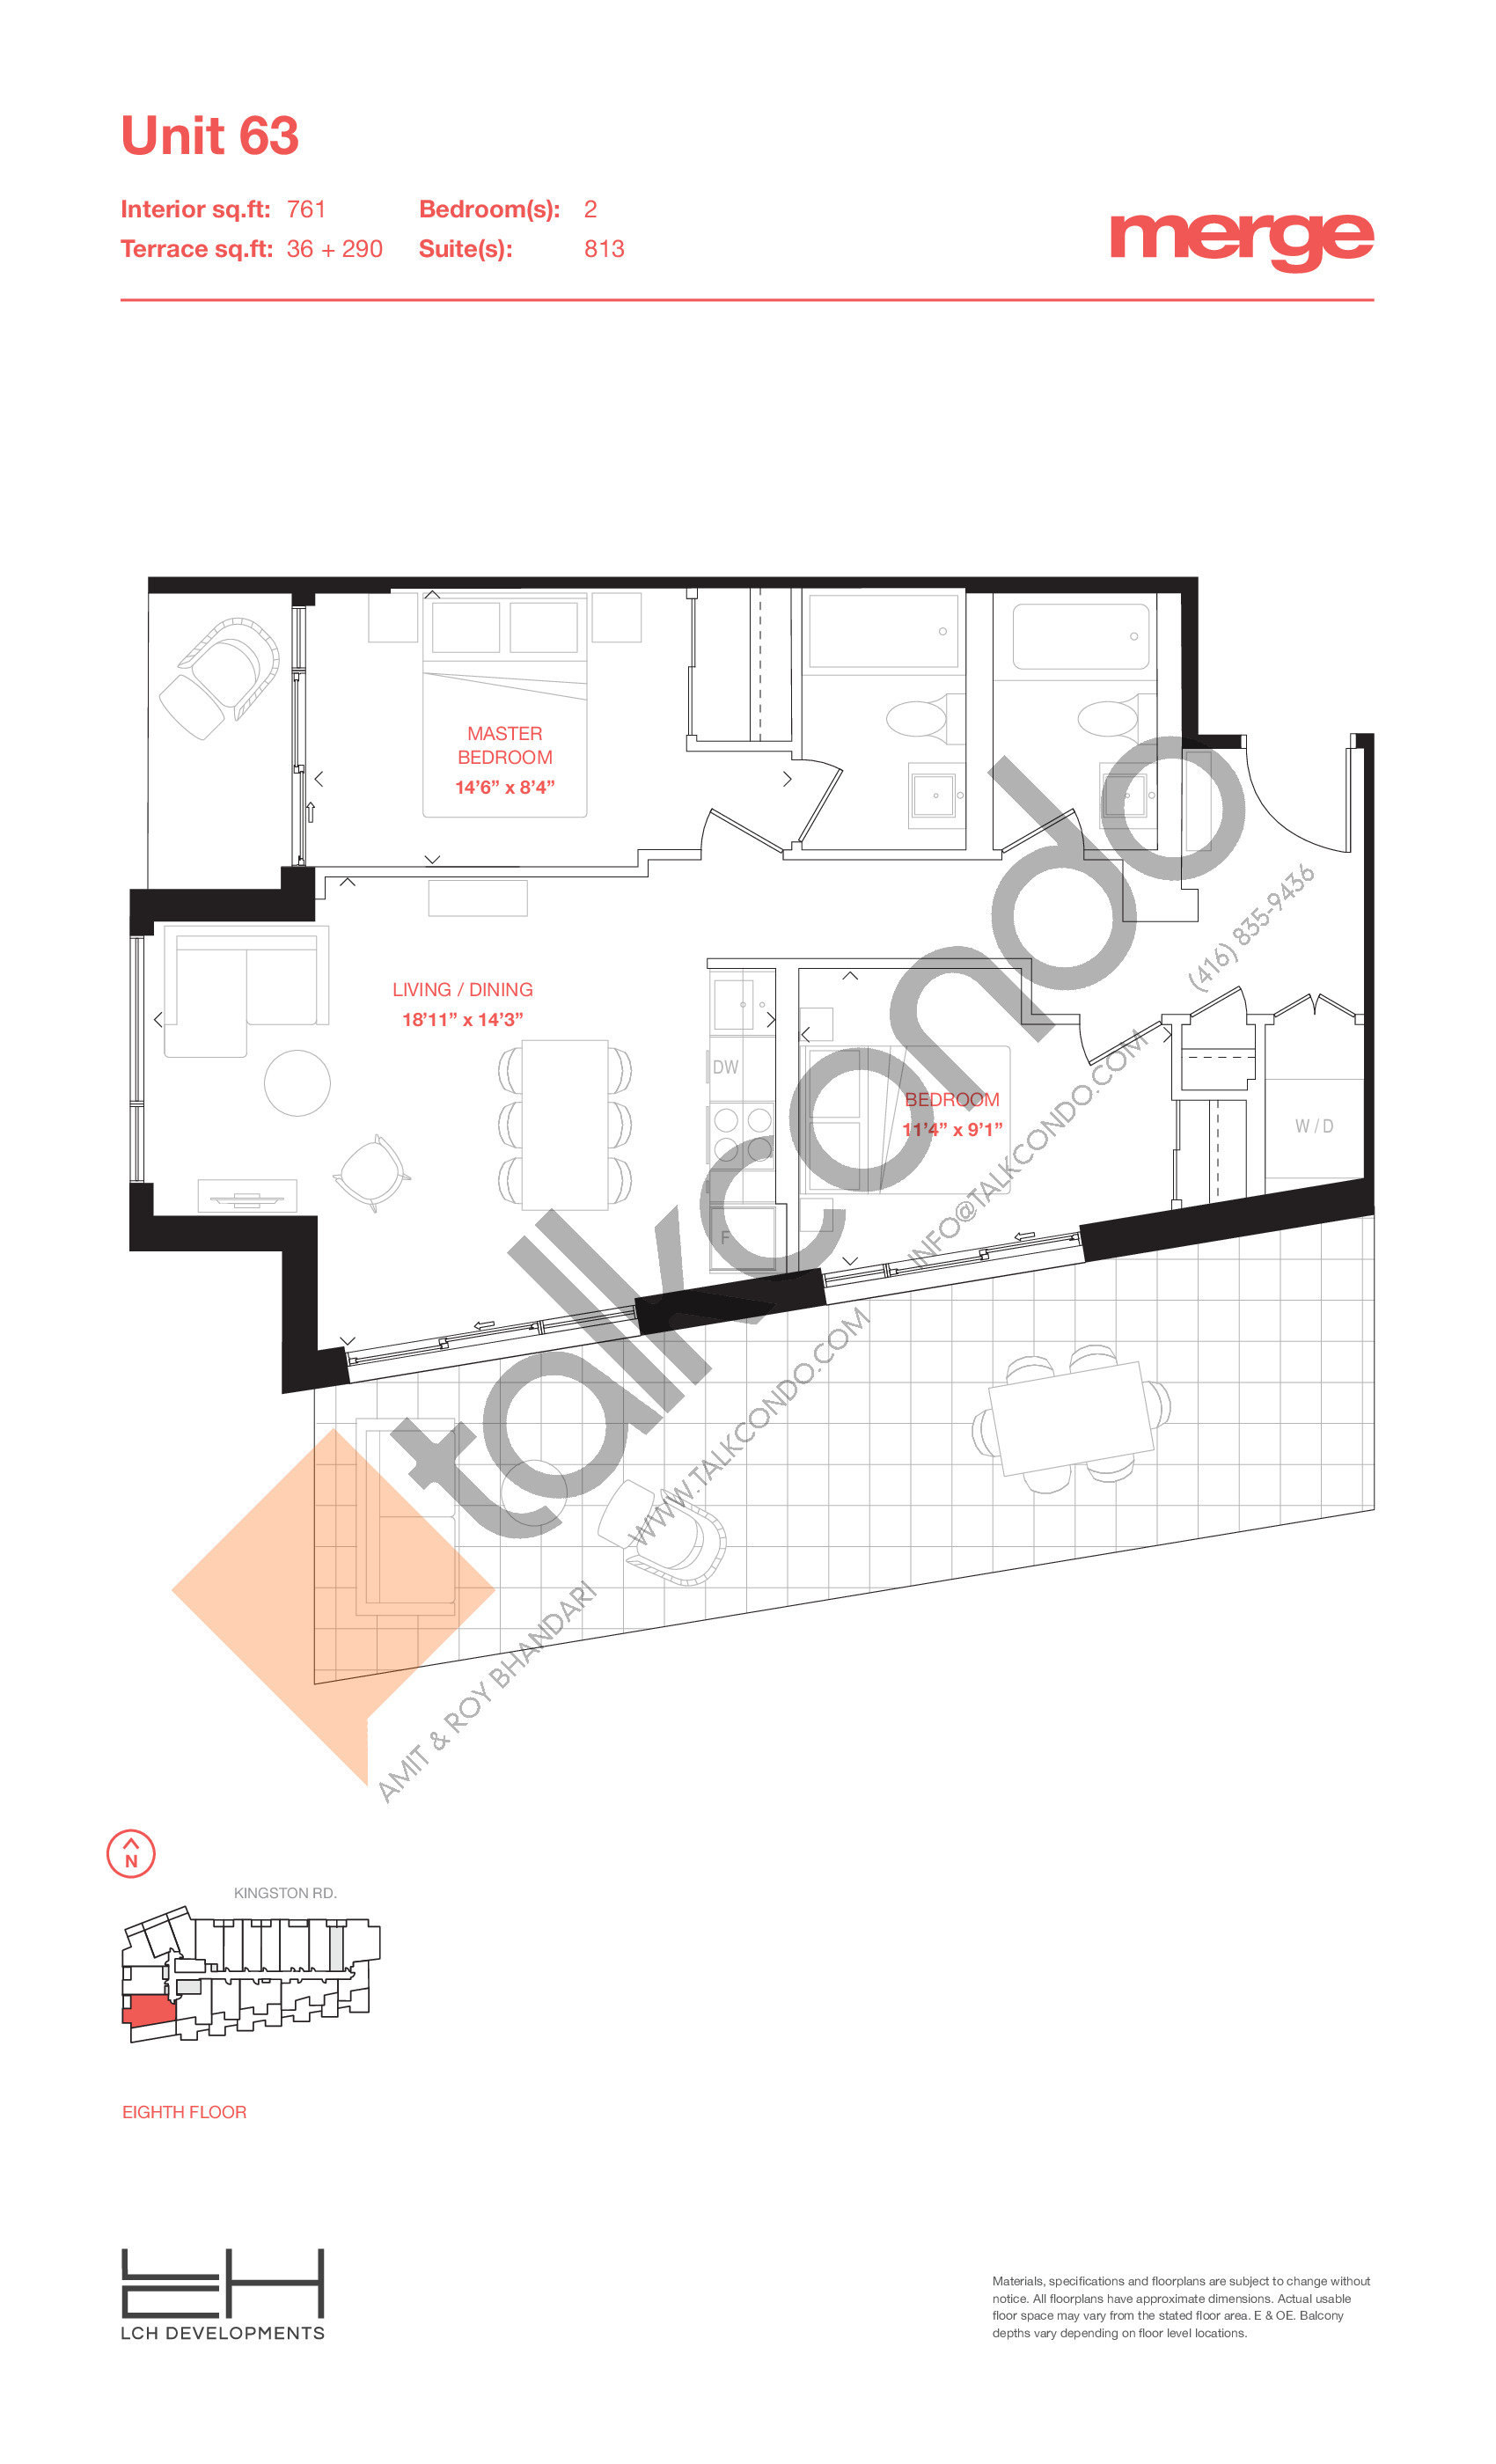 Unit 63 - Terraces Floor Plan at Merge Condos - 761 sq.ft